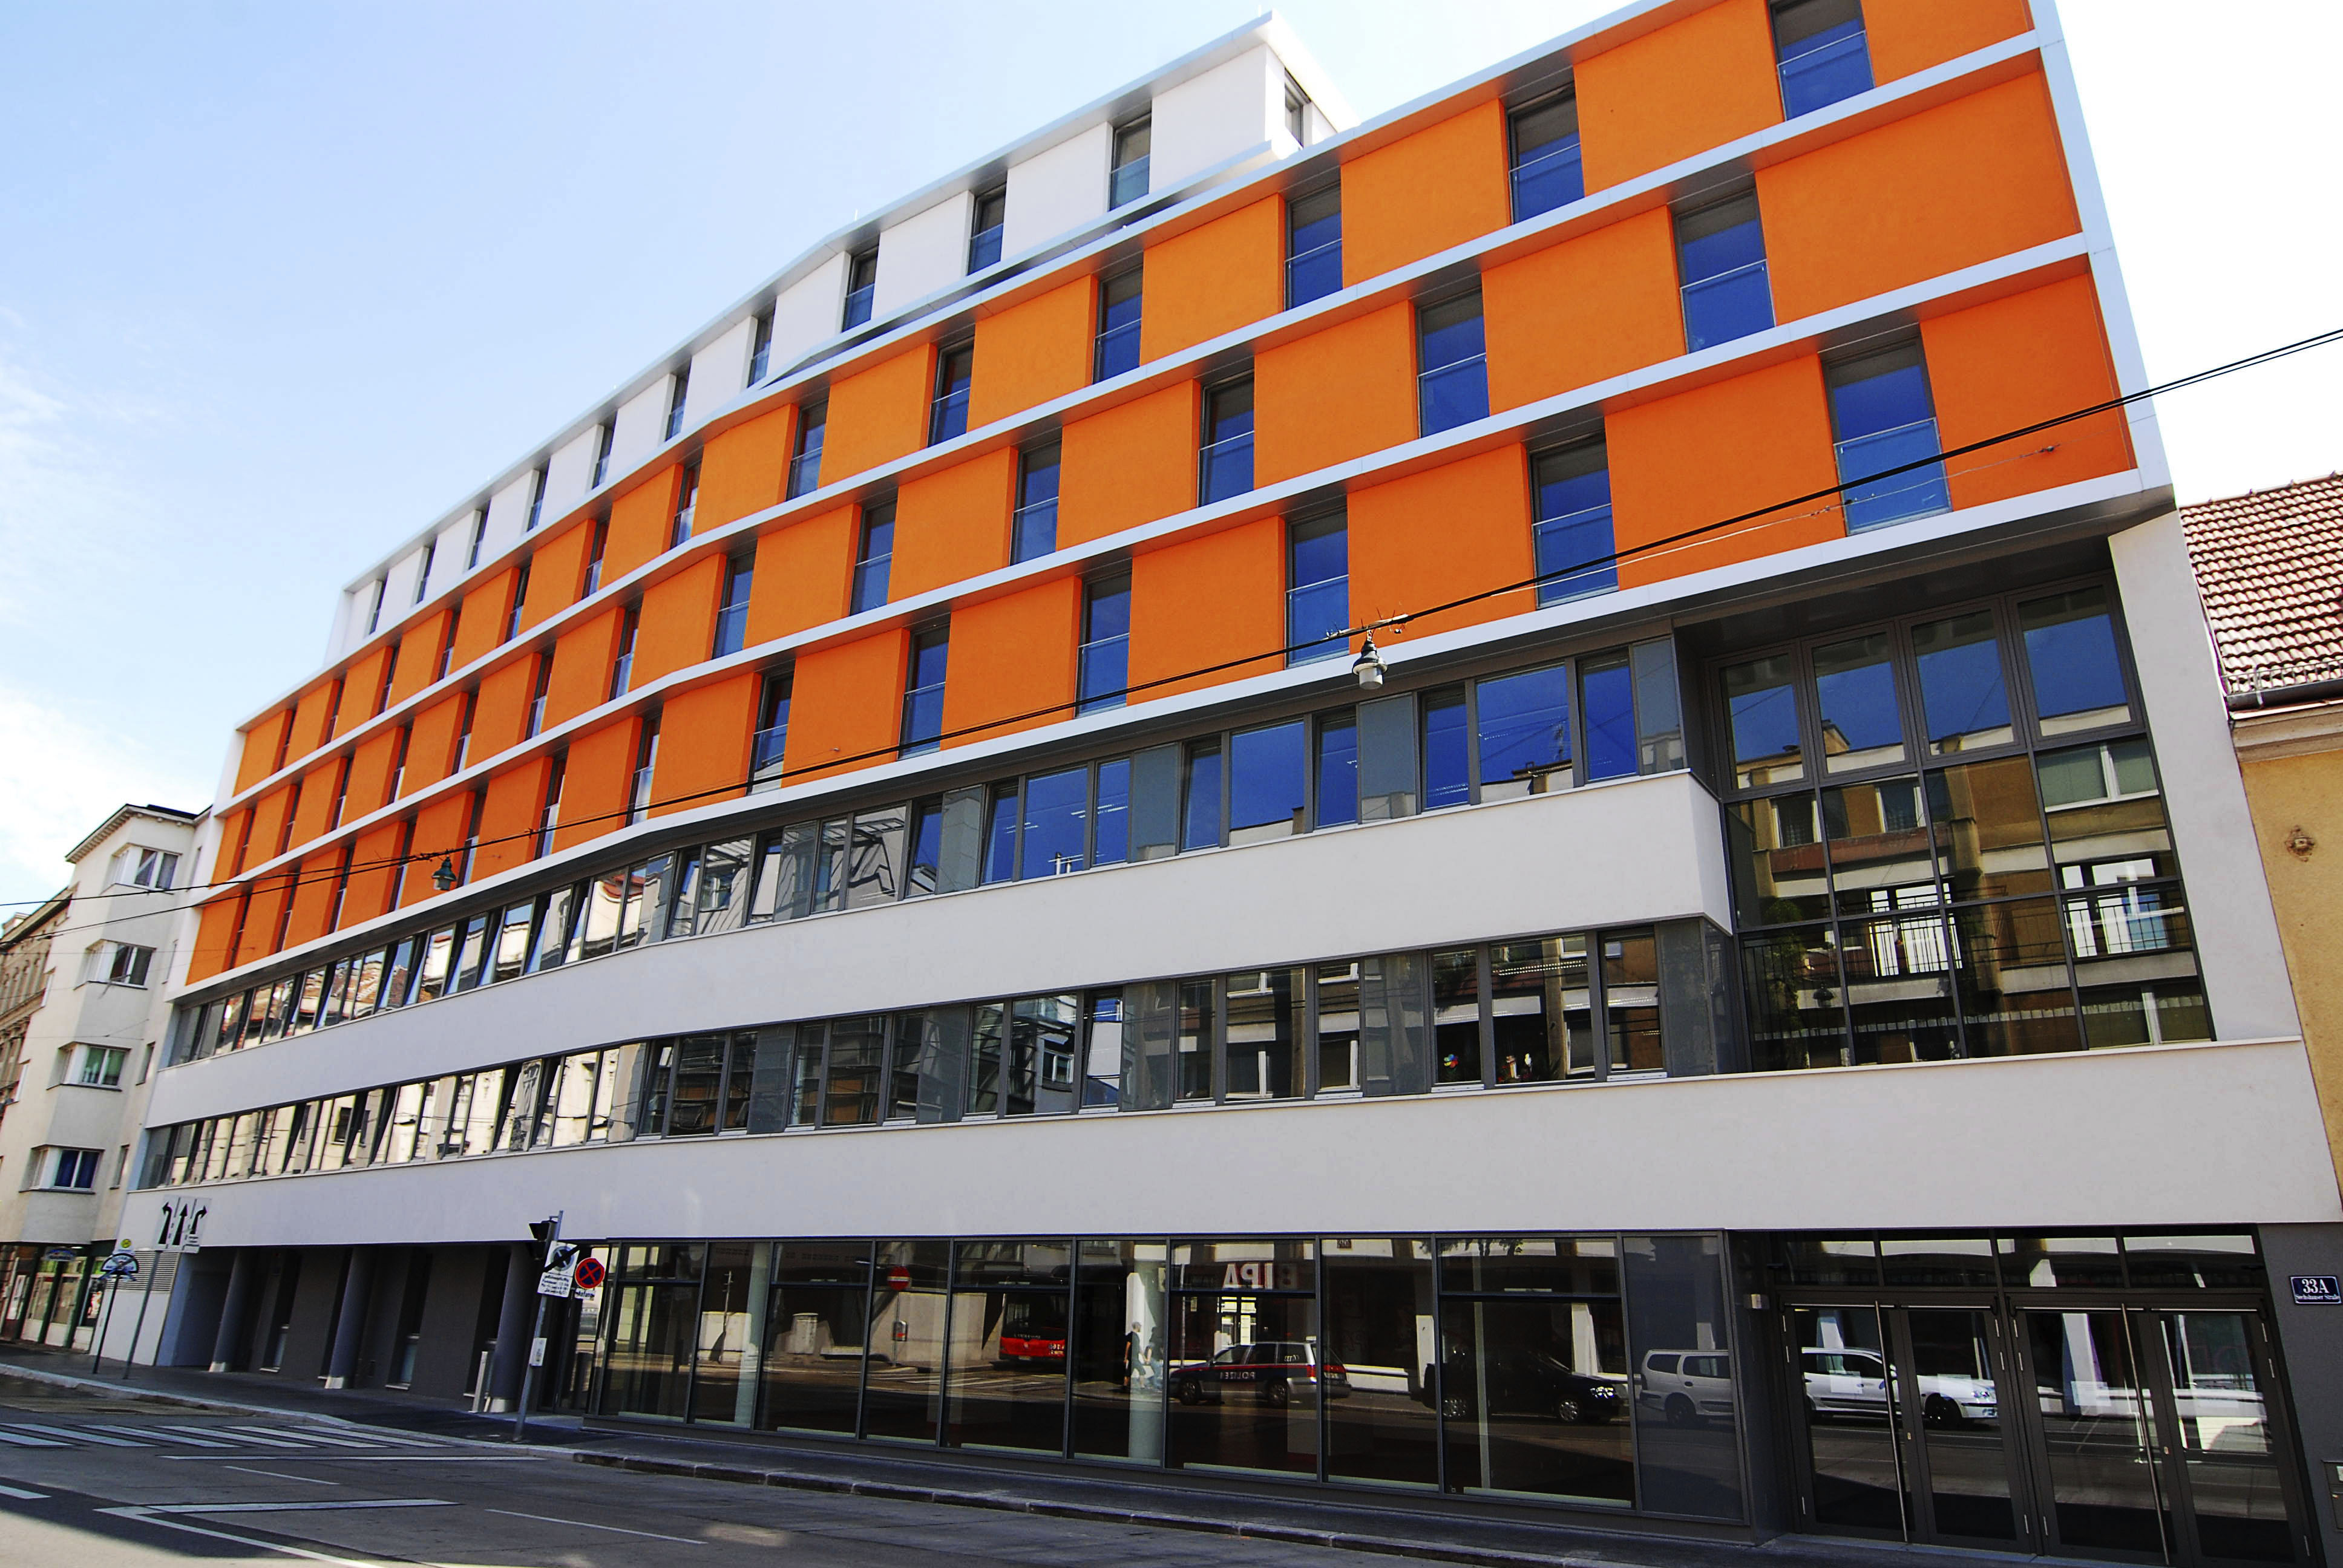 Byggnad i orange och grått i Wien.